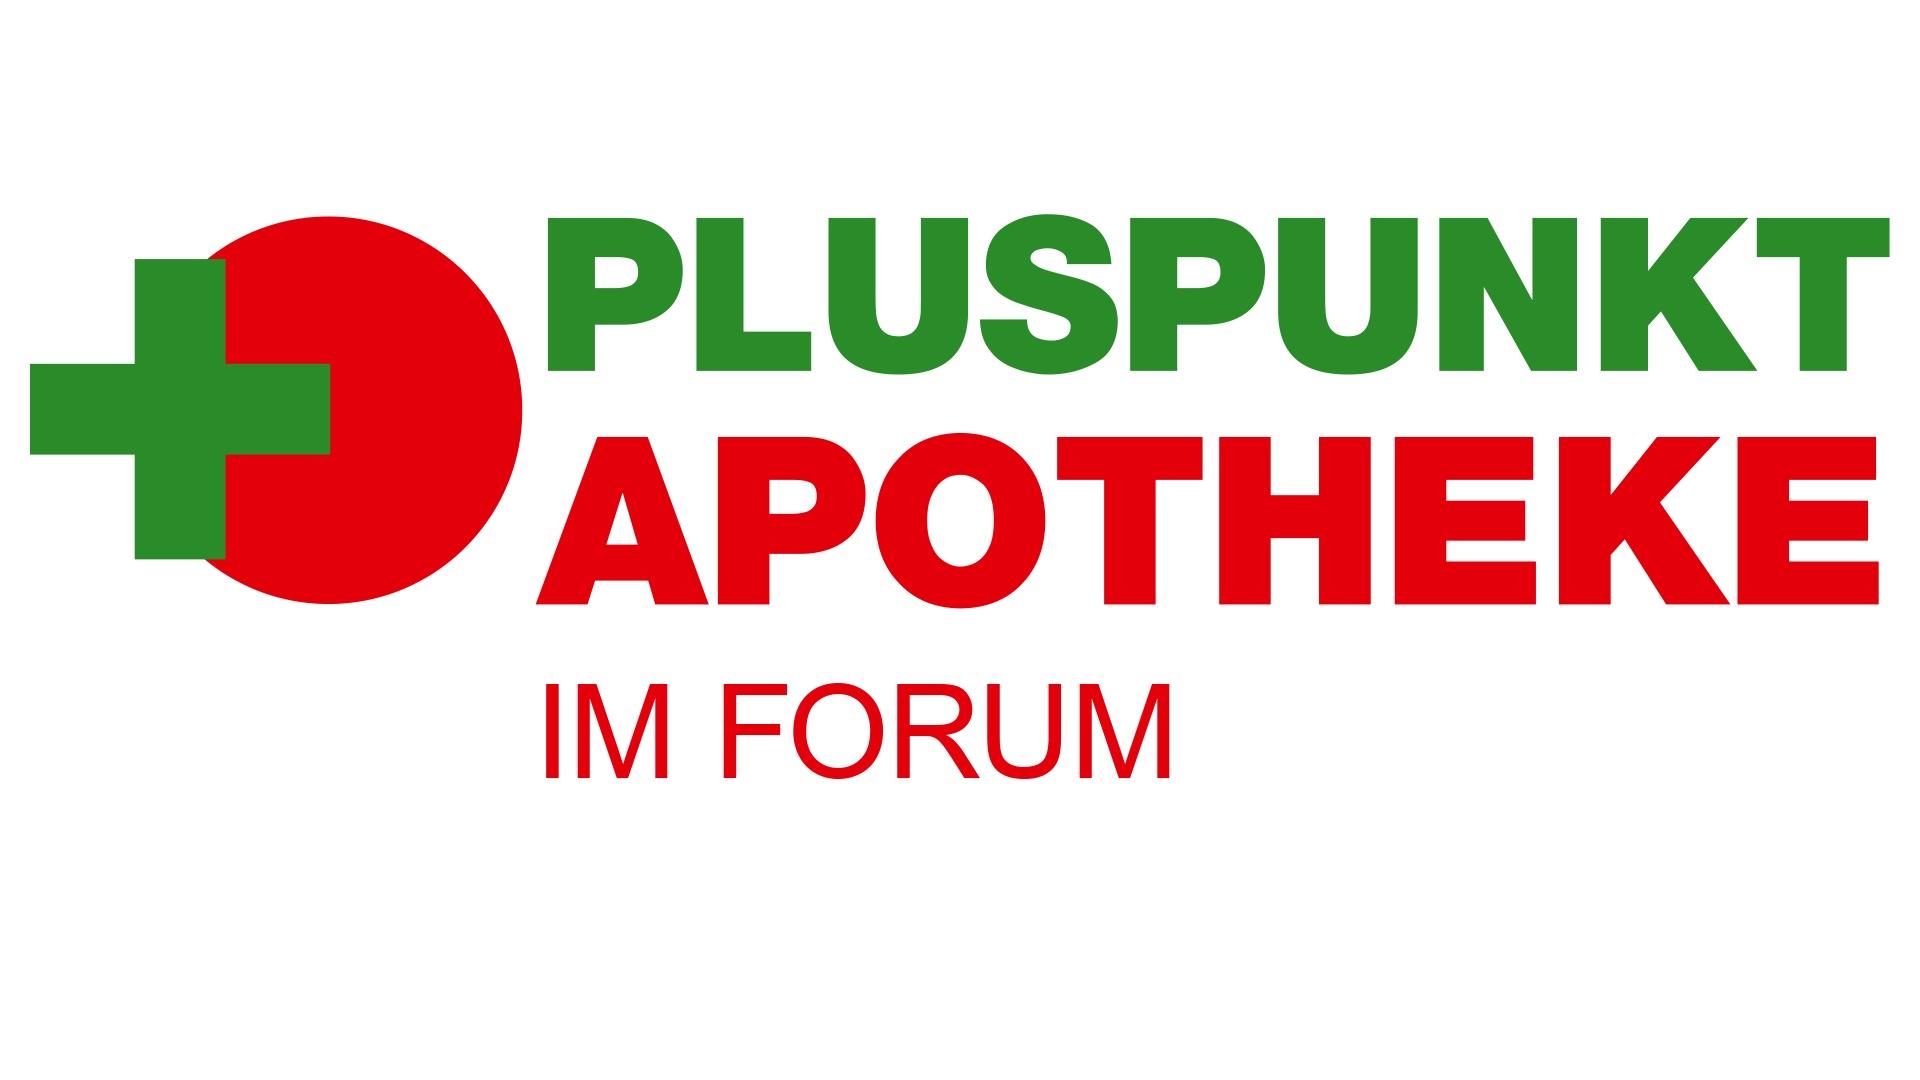 pluspunkt apotheke ihr forum f r attraktive marken shops forum wetzlar. Black Bedroom Furniture Sets. Home Design Ideas